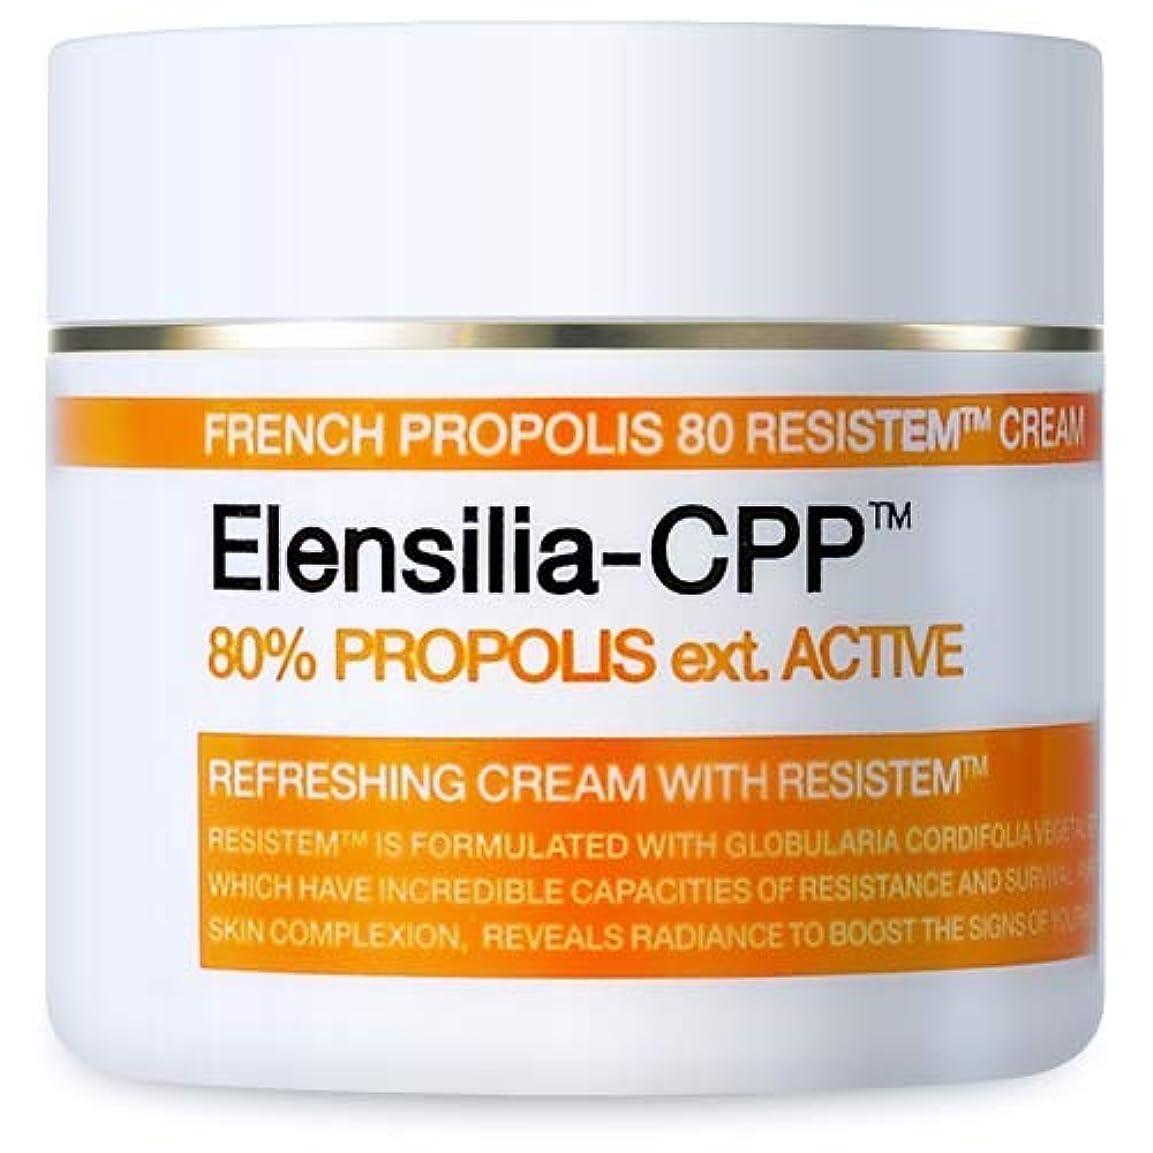 分泌するハム比較的Elensilia CPP フレンチ プロポリス 80 リシステム クリーム / CPP French Propolis 80 Resistem Cream (50g) [並行輸入品]